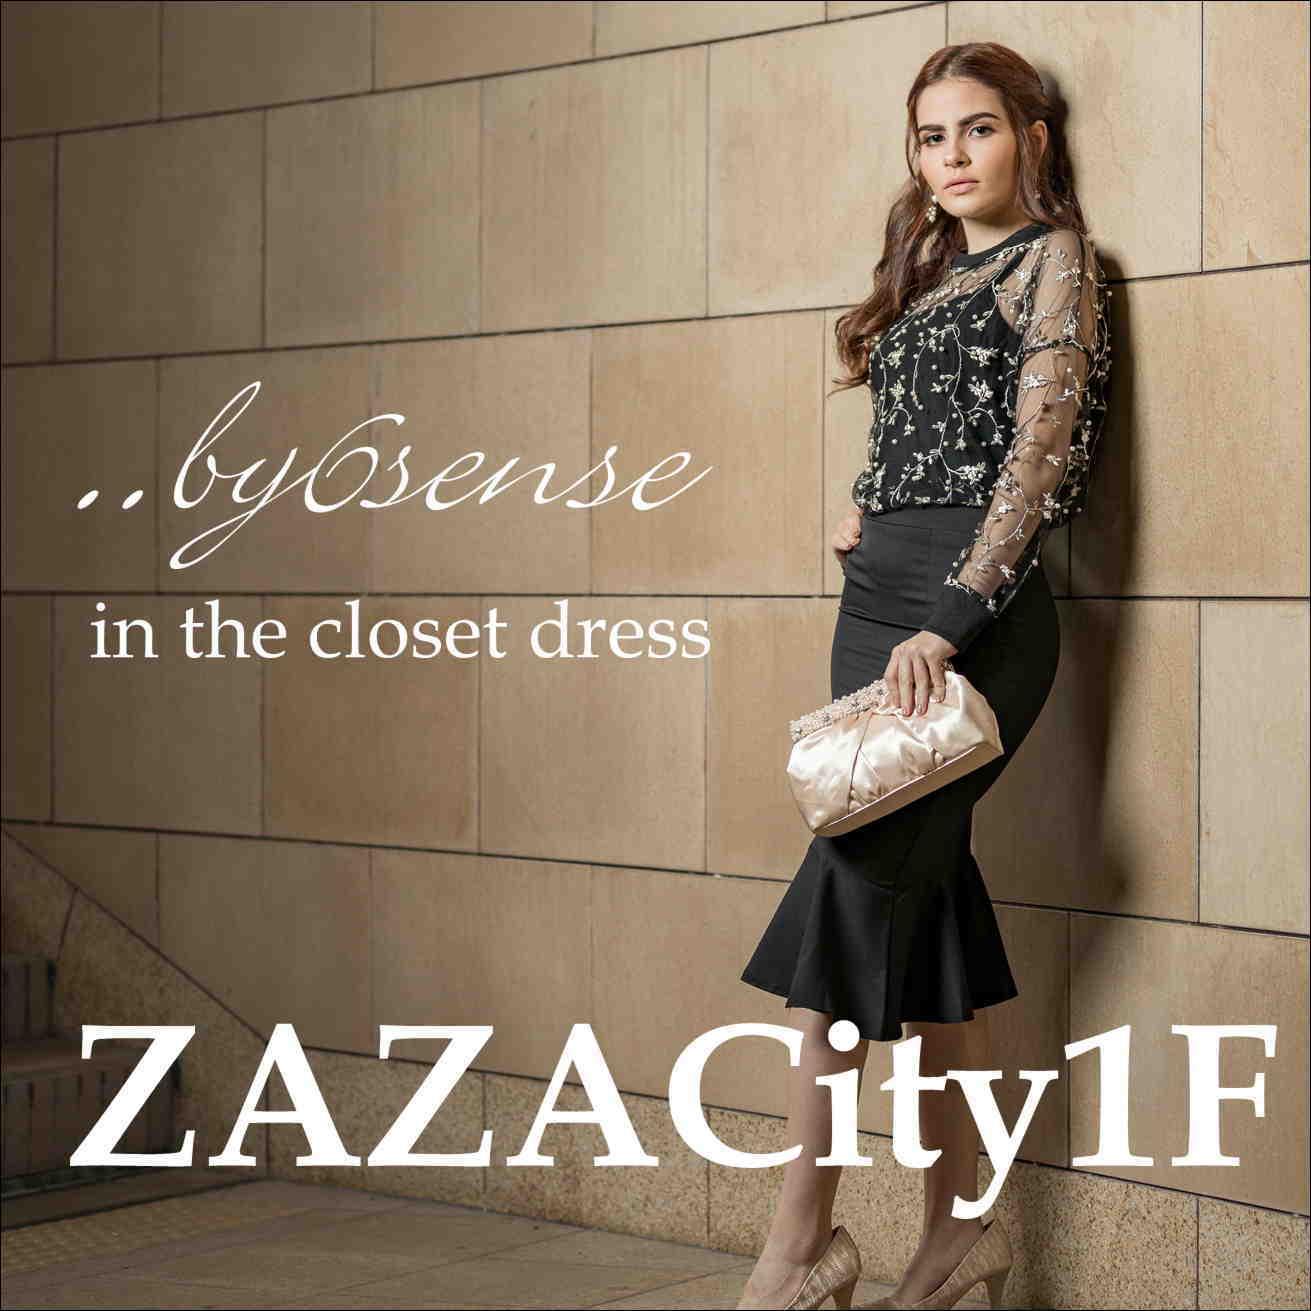 ご購入前にご一読お願い致します。お呼ばれドレス・パーティドレス・ゲストドレス・フォーマルドレス 専門店